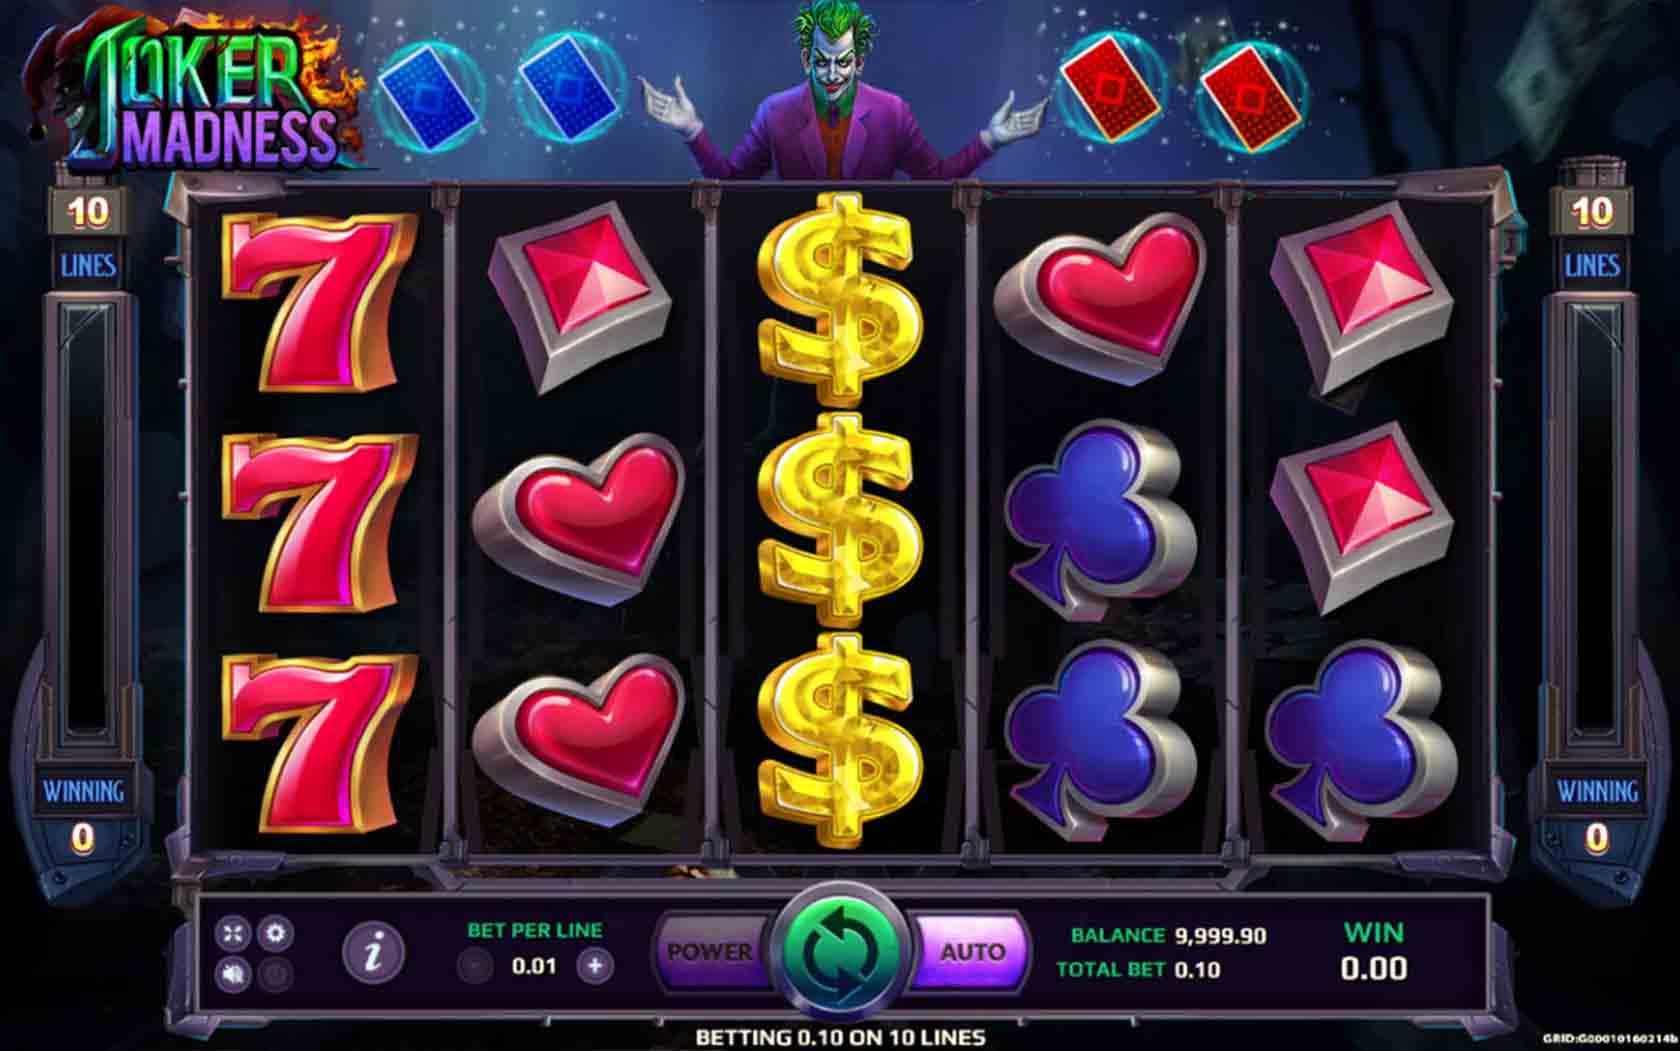 เล่นเกมทำเงินไวต้องลอง Jokerslot99